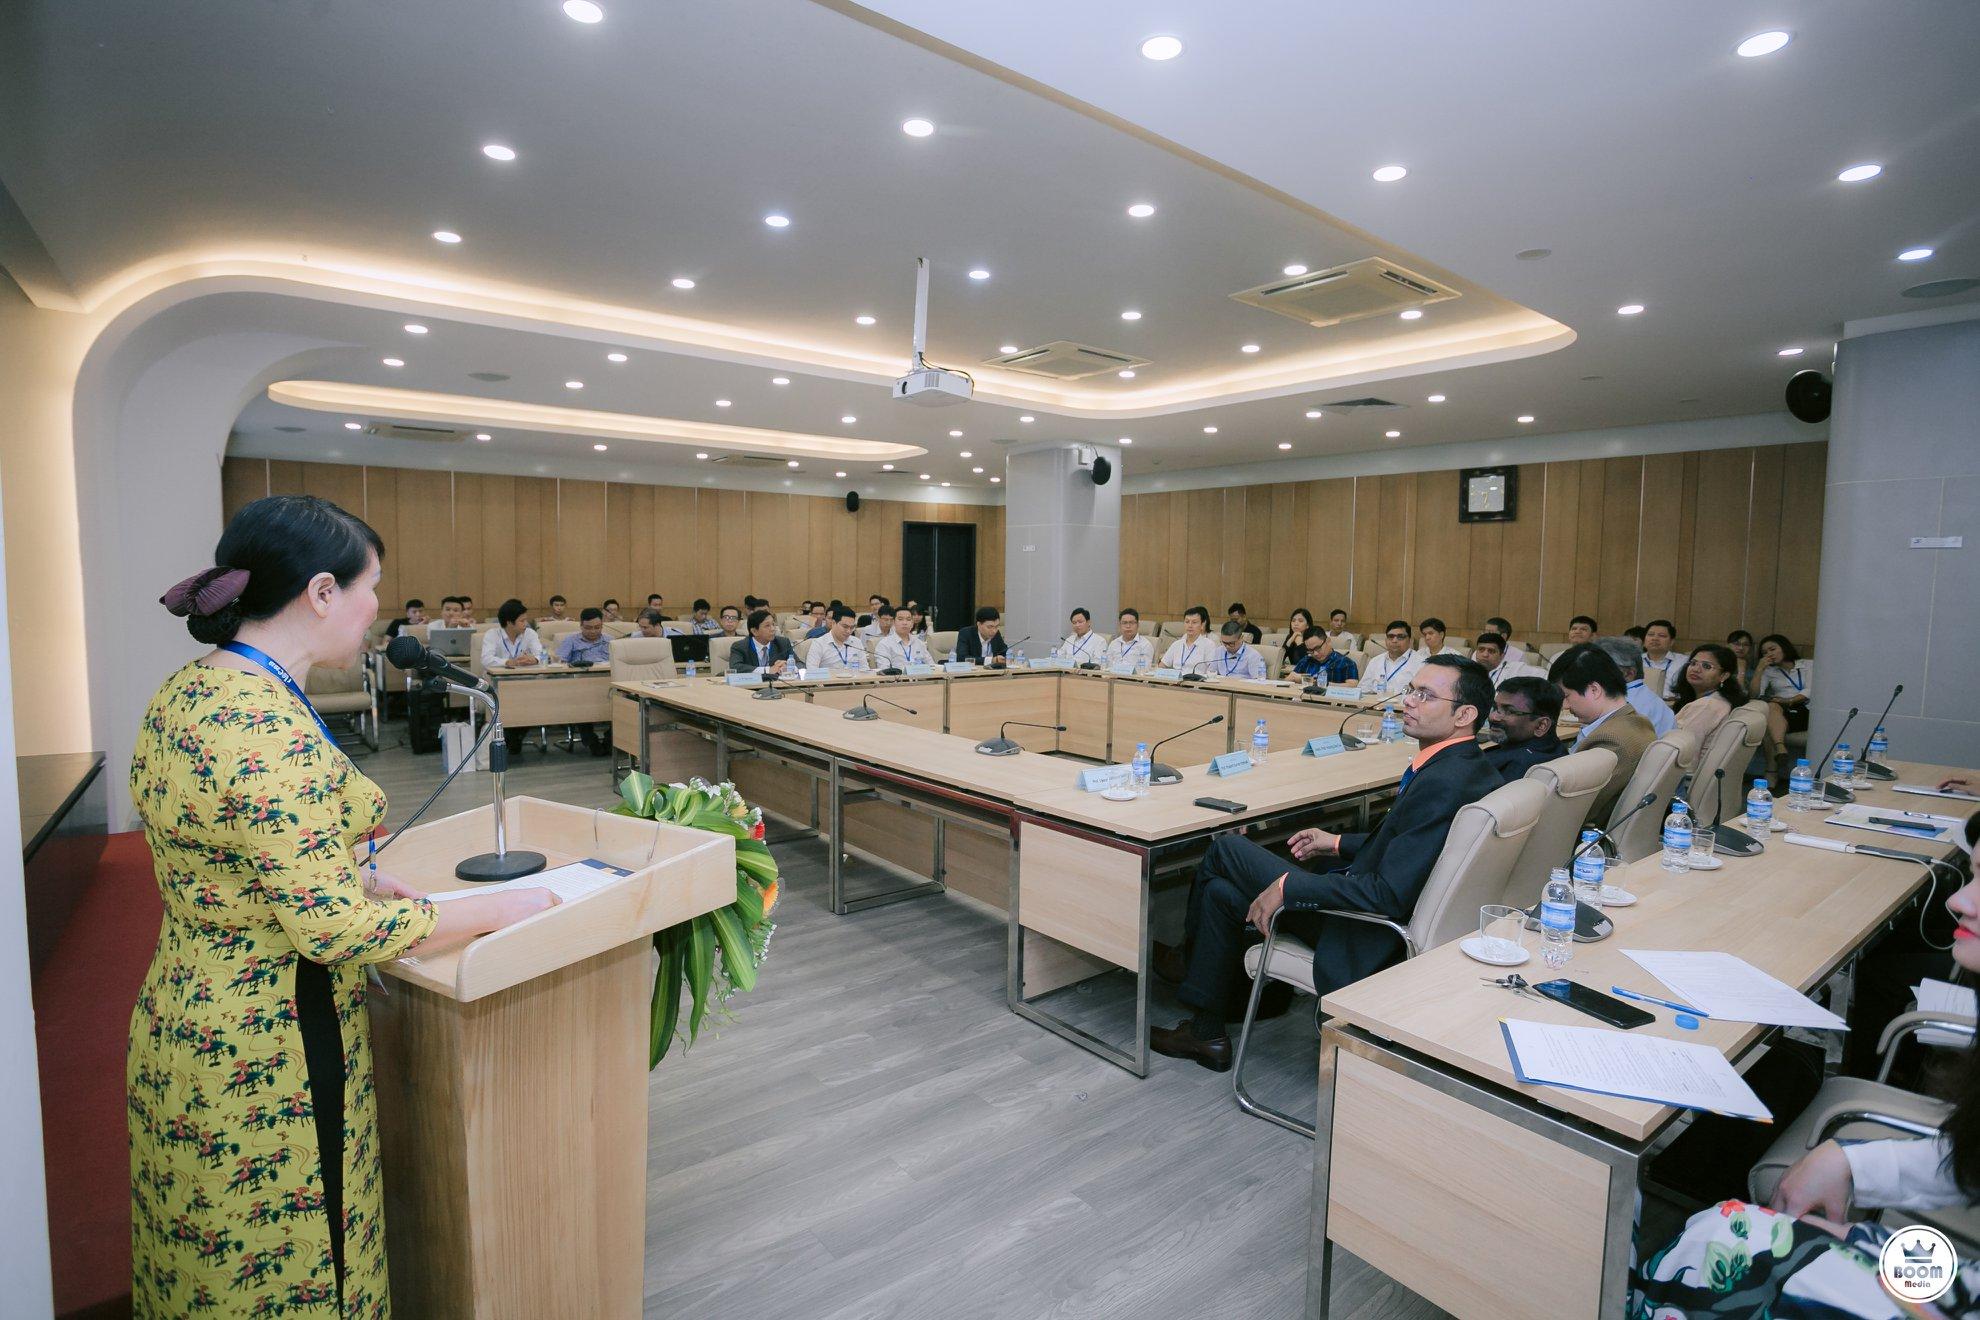 Khai mạc Hội nghị quốc tế về nghiên cứu tính toán thông minh trong kỹ thuật lần thứ IV, năm 2019 tại Đại học Công nghiệp Hà Nội